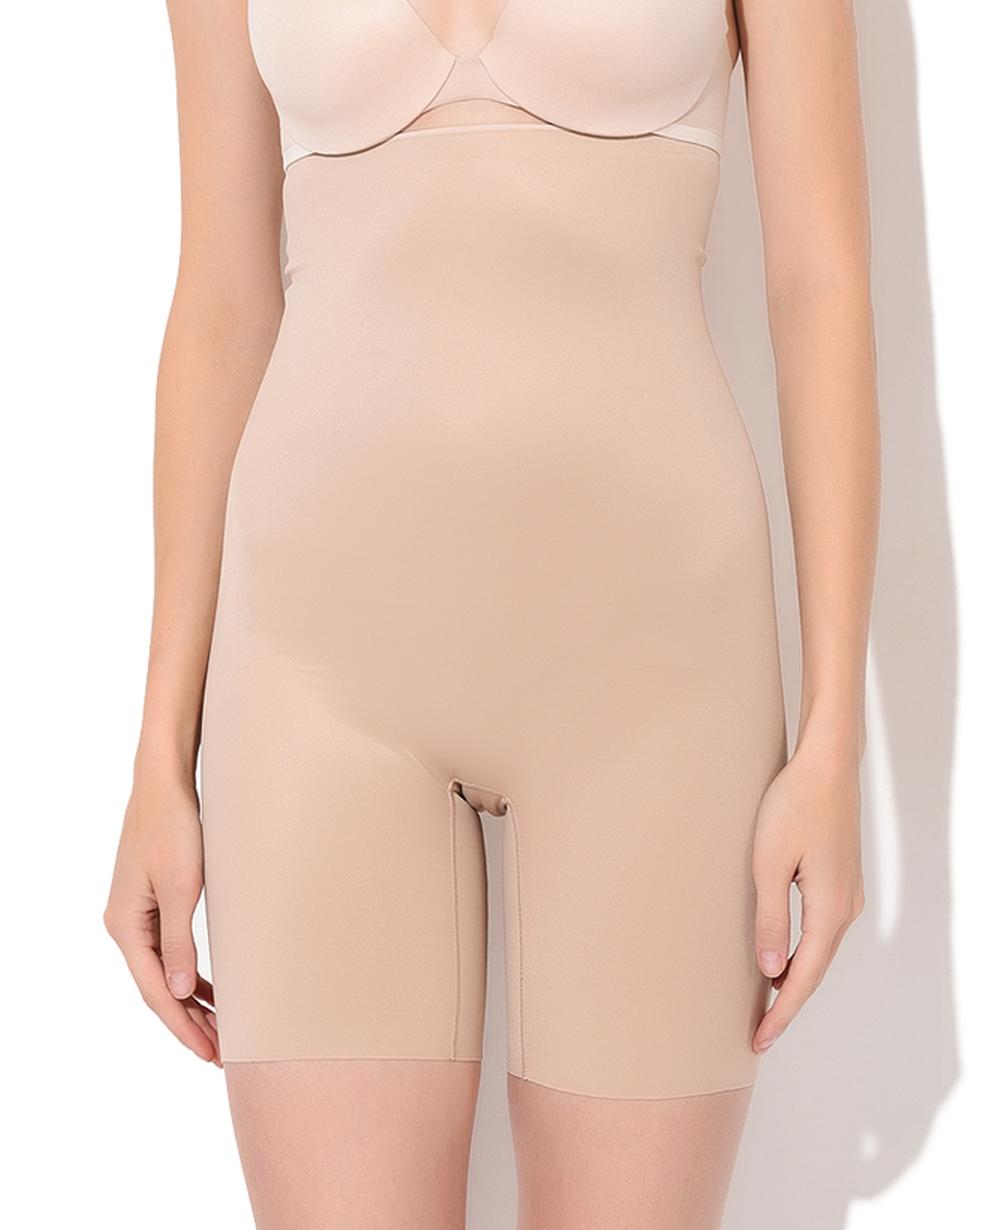 Корректирующие шорты Chantelle Brief (Nude) 2XL-18 фото